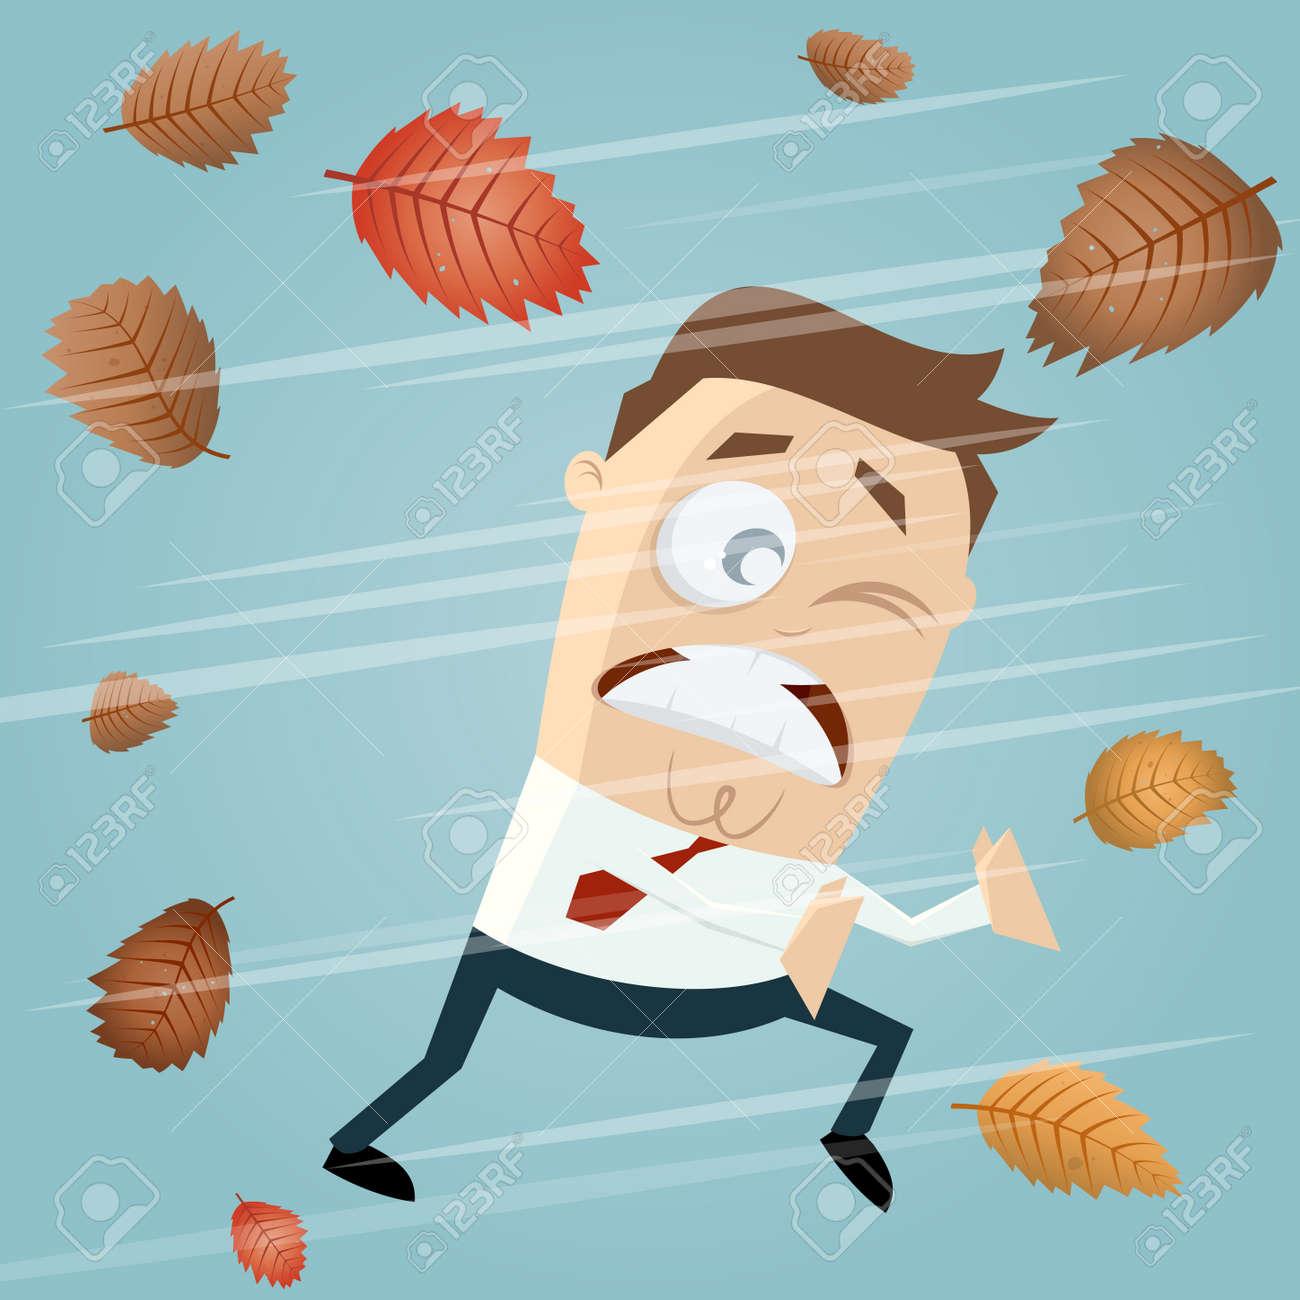 Geschäftsmann In Der Herbststurm Cliparts Lizenzfrei Nutzbare